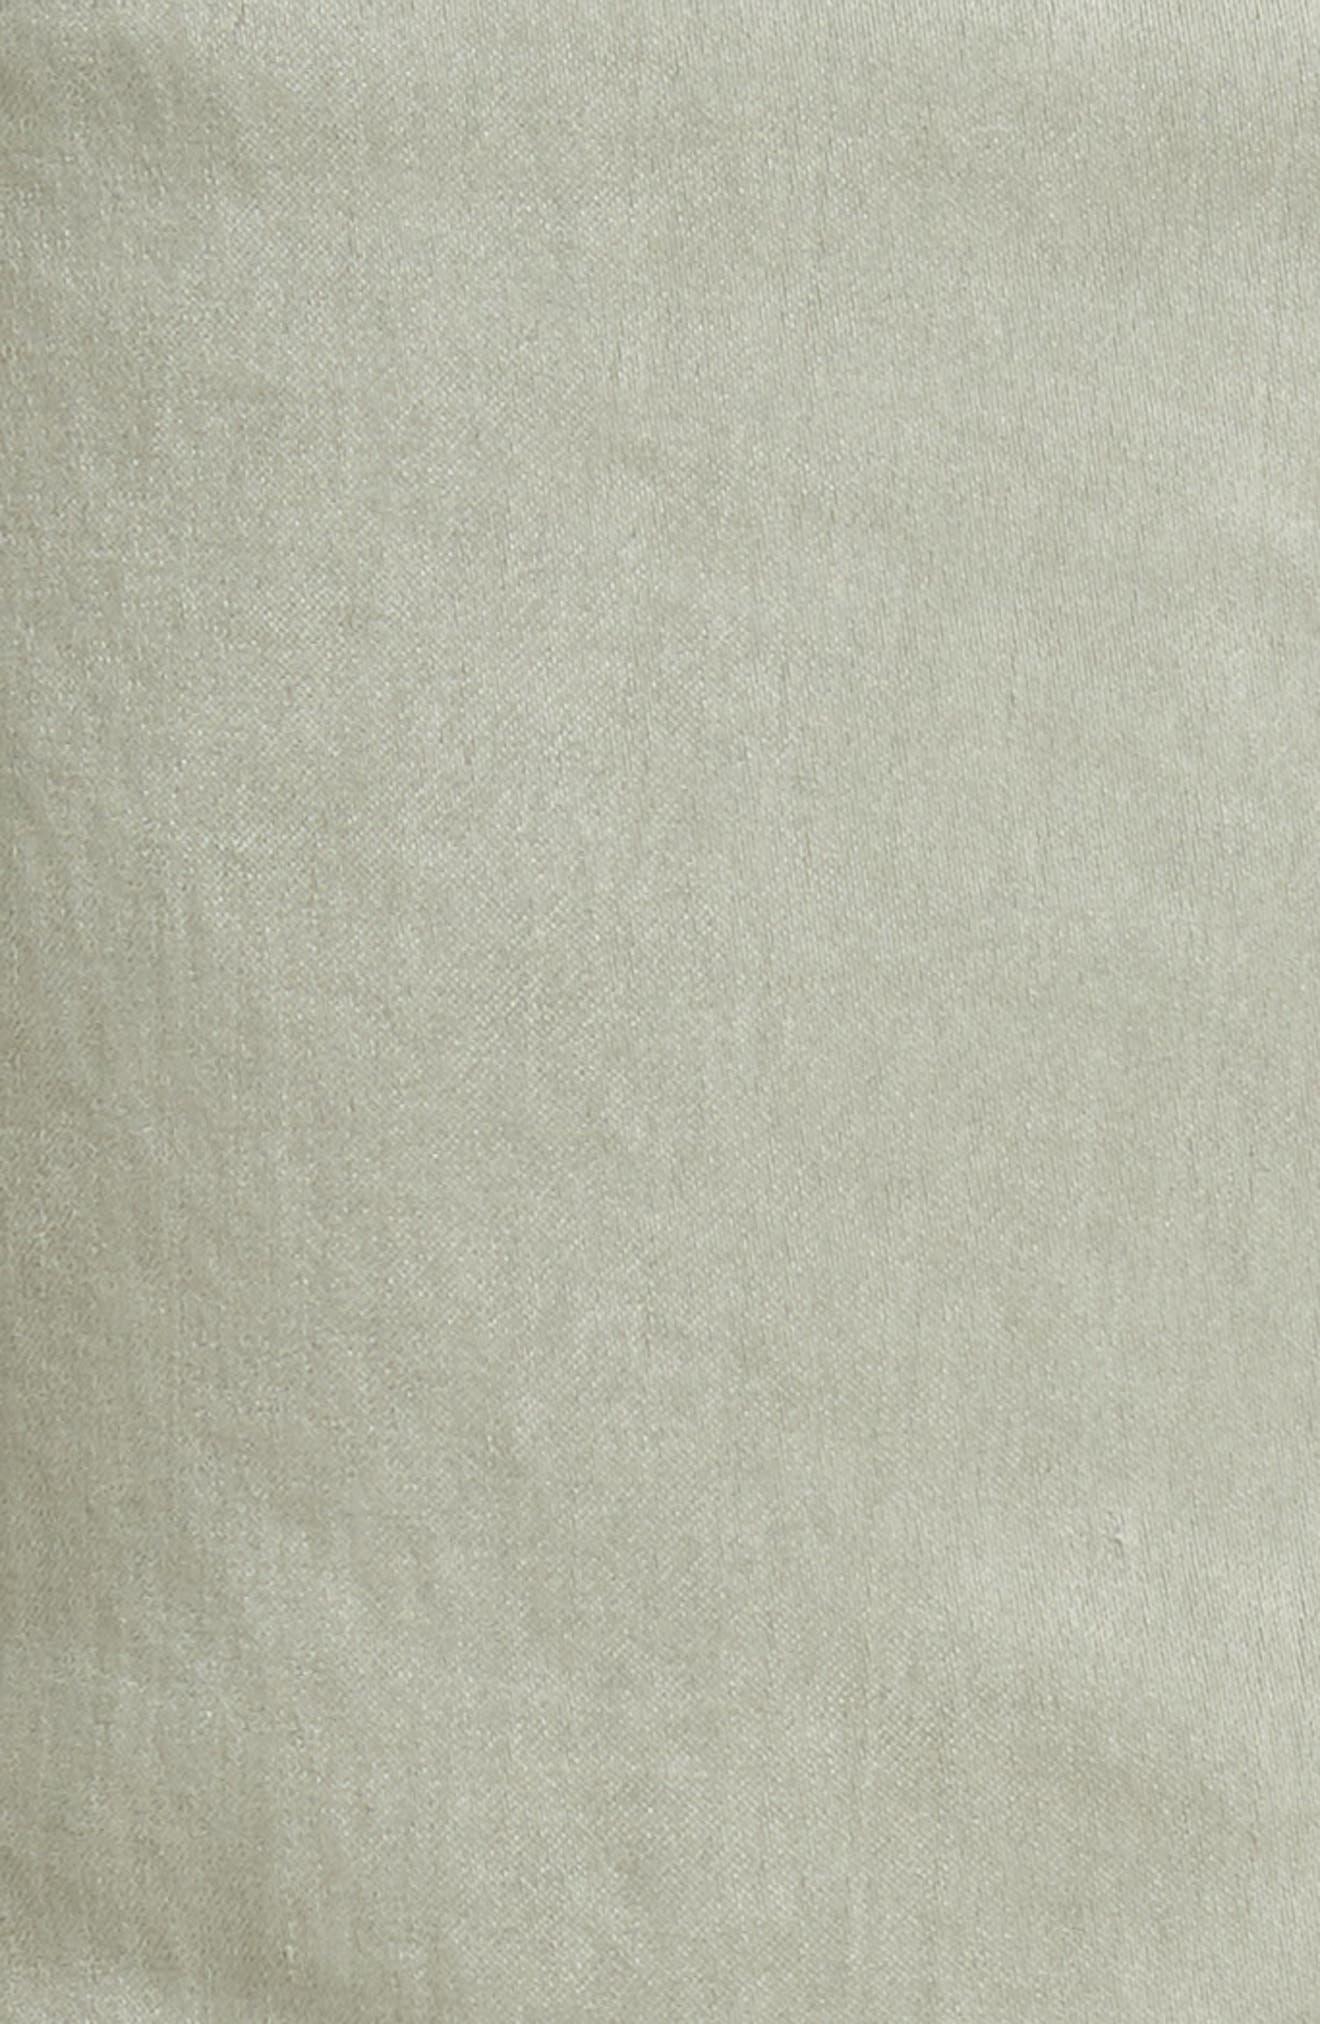 Slim Fit Washed Five-Pocket Pants,                             Alternate thumbnail 18, color,